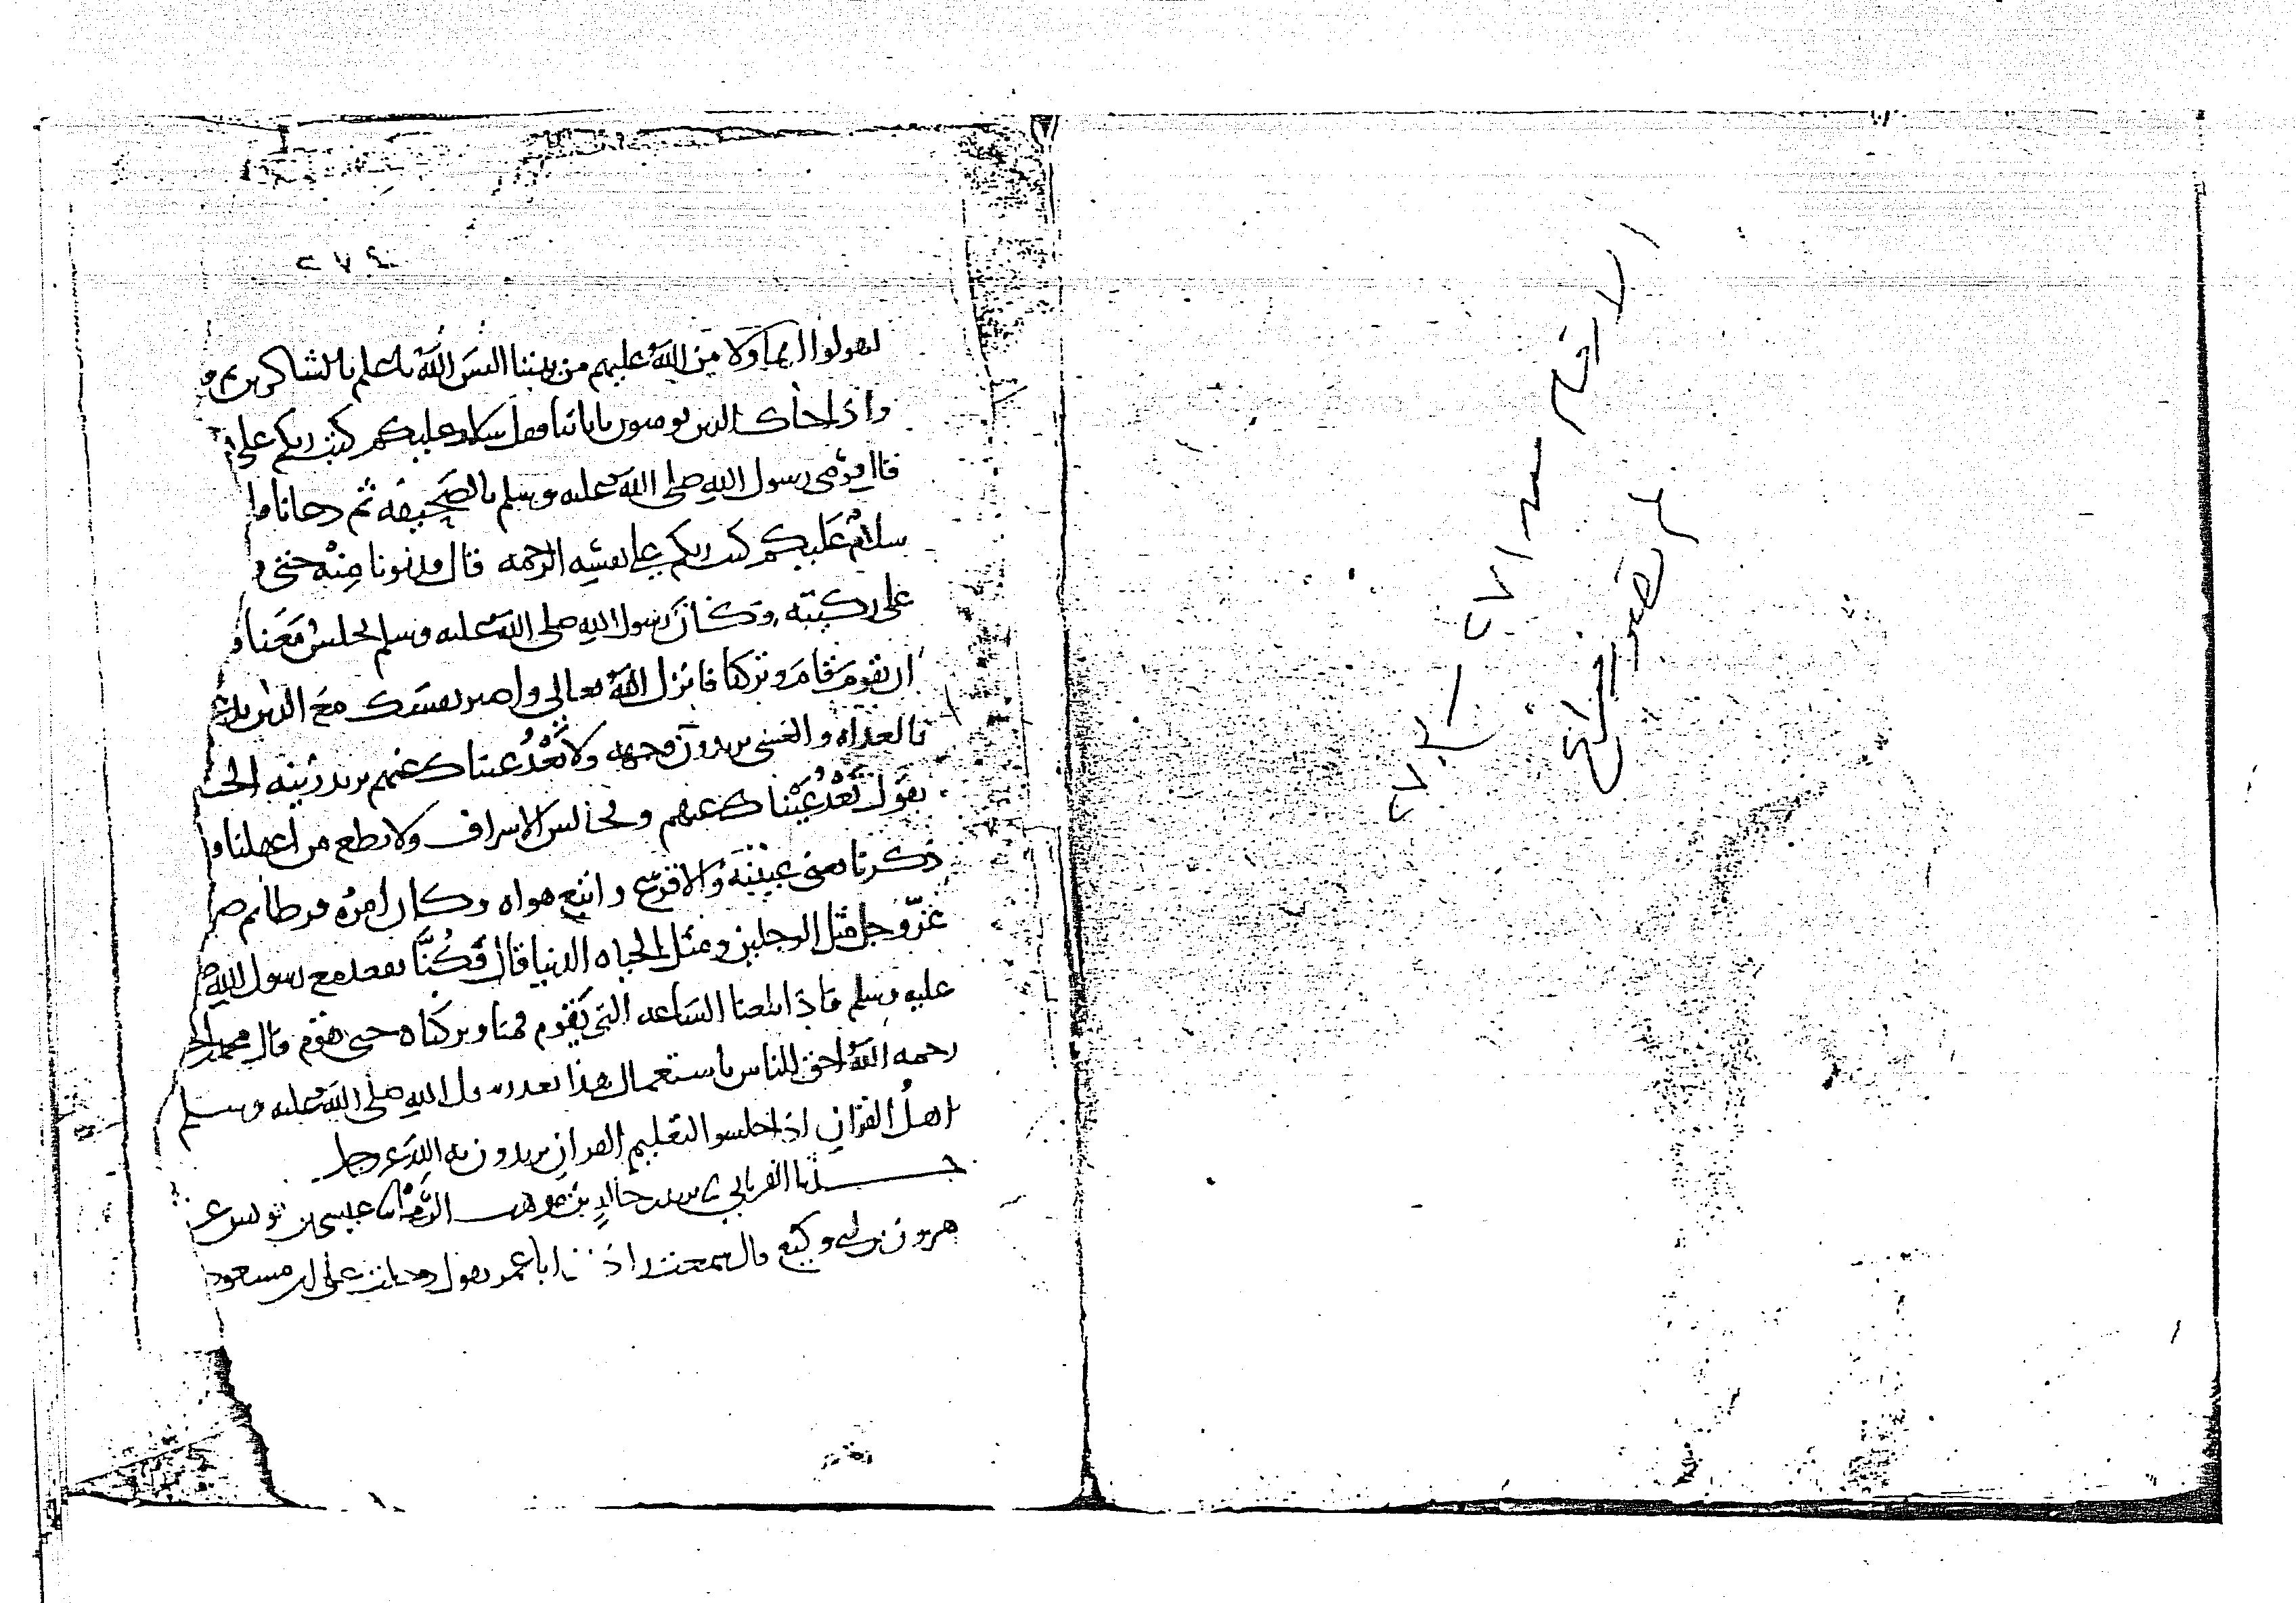 تحميل كتاب آداب حملة القرآن (نسخة ثالثة) لـِ: الإمام أبو بكر محمد بن الحسين بن عبد الله الآجري البغدادي (ت 360)